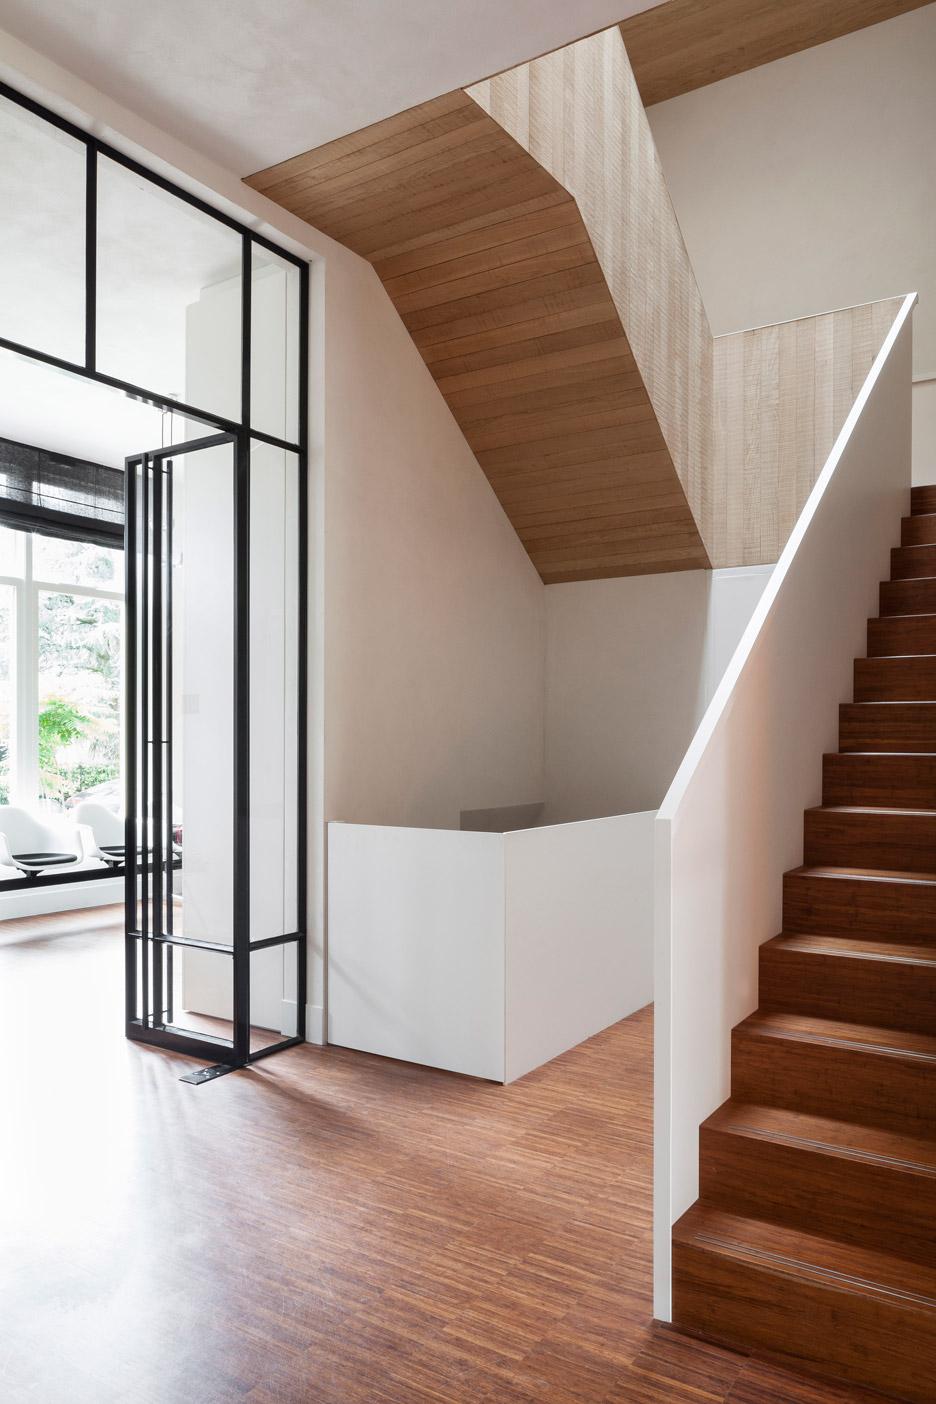 Thiết kế nội thất biệt thựliền kề 7